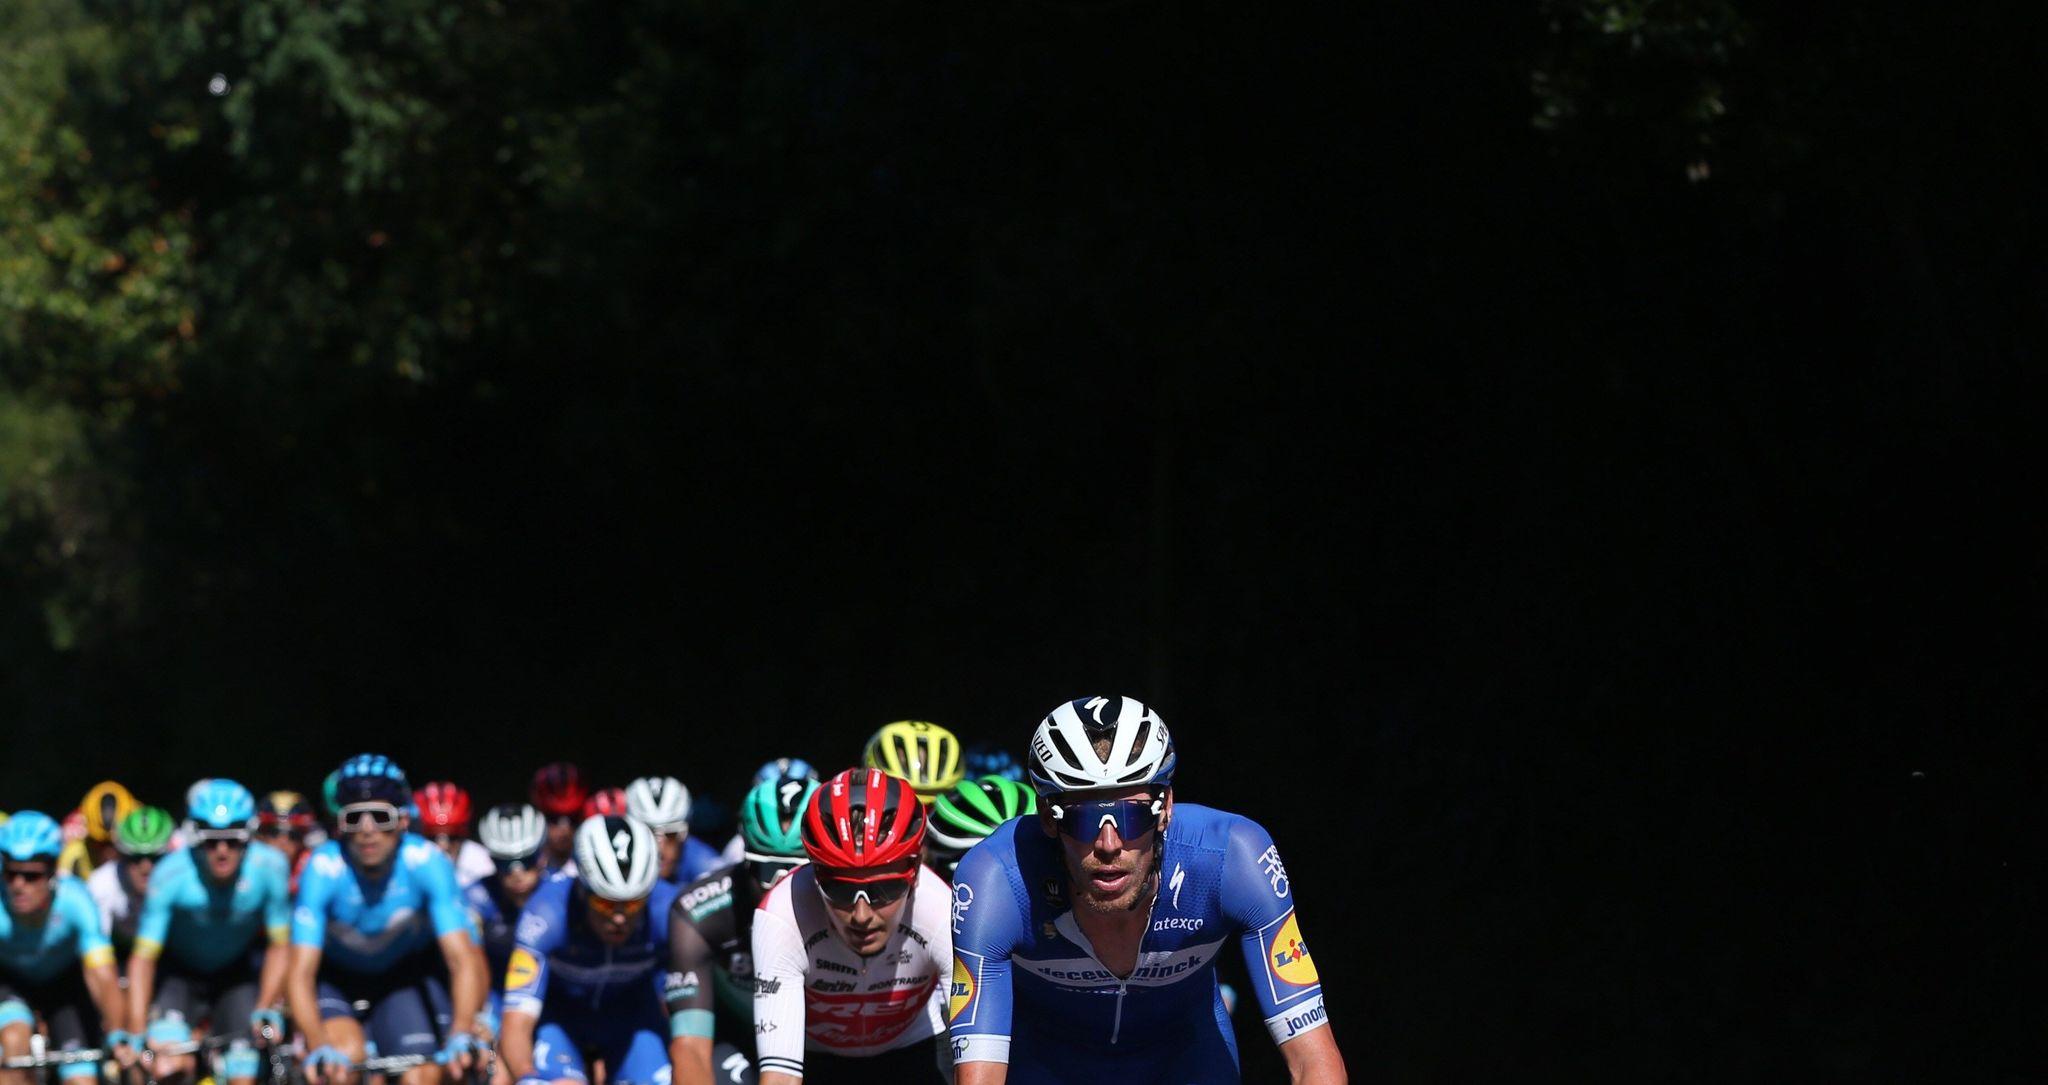 GRAF7884. GIJÓN, 07/09/2019.- El pelotón ciclista durante la decimocuarta etapa de la 74 <HIT>Vuelta</HIT> a España 2019, con salida en la localidad cántabra de San Vicente de la Barquera y meta en Oviedo, con un recorrido de 188 kilómetros. EFE/Javier Lizón